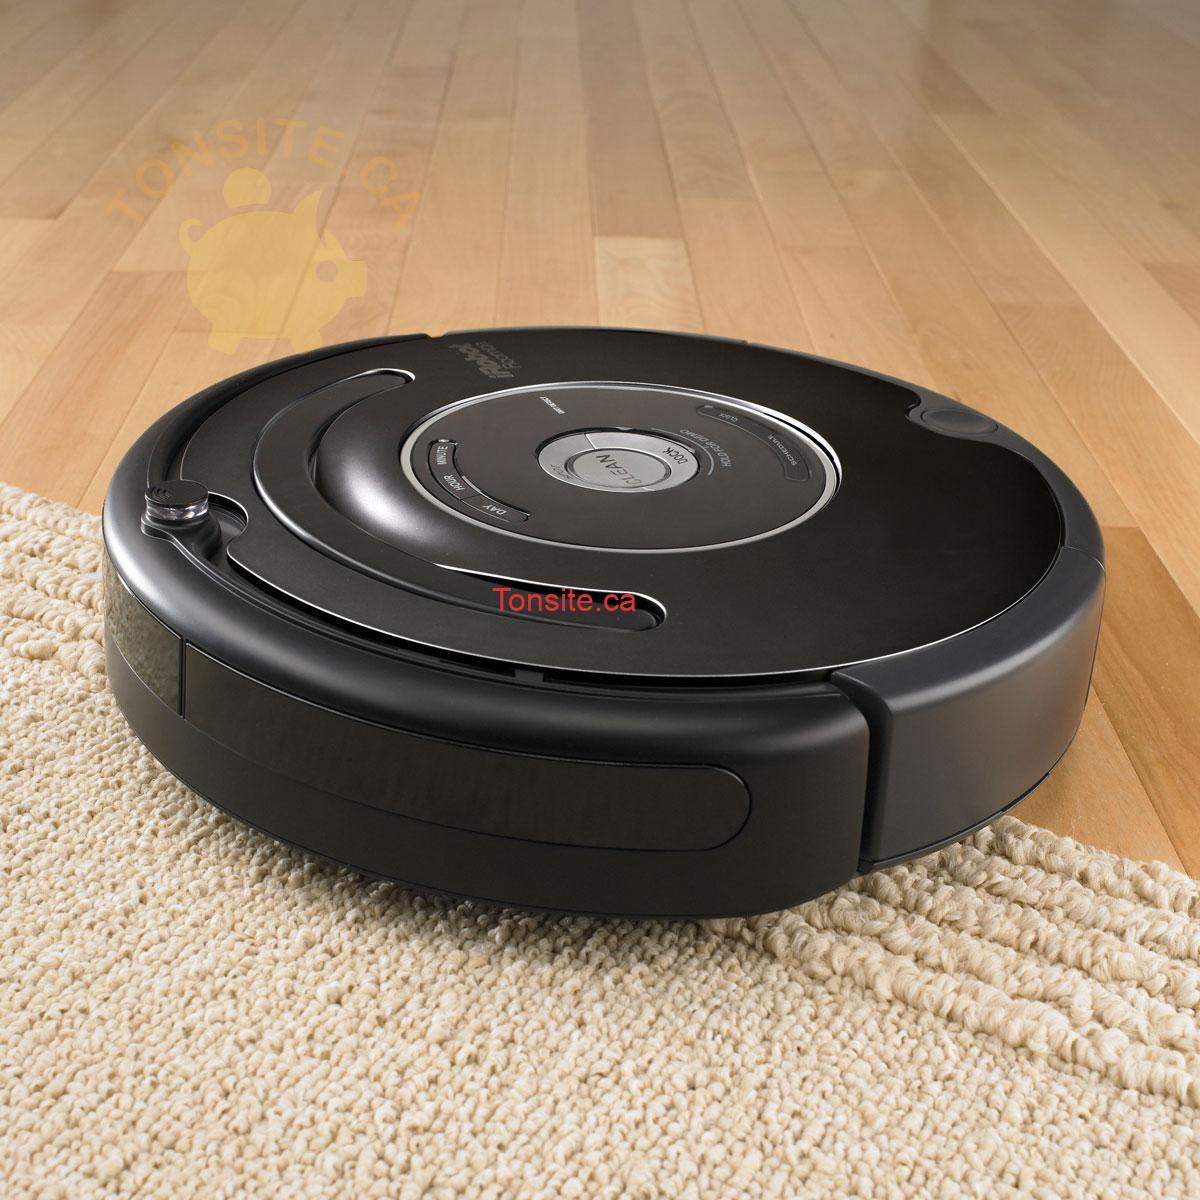 irobot roomba - Concours Déco Découverte: Gagnez un robot ménager iRobot Roomba 880